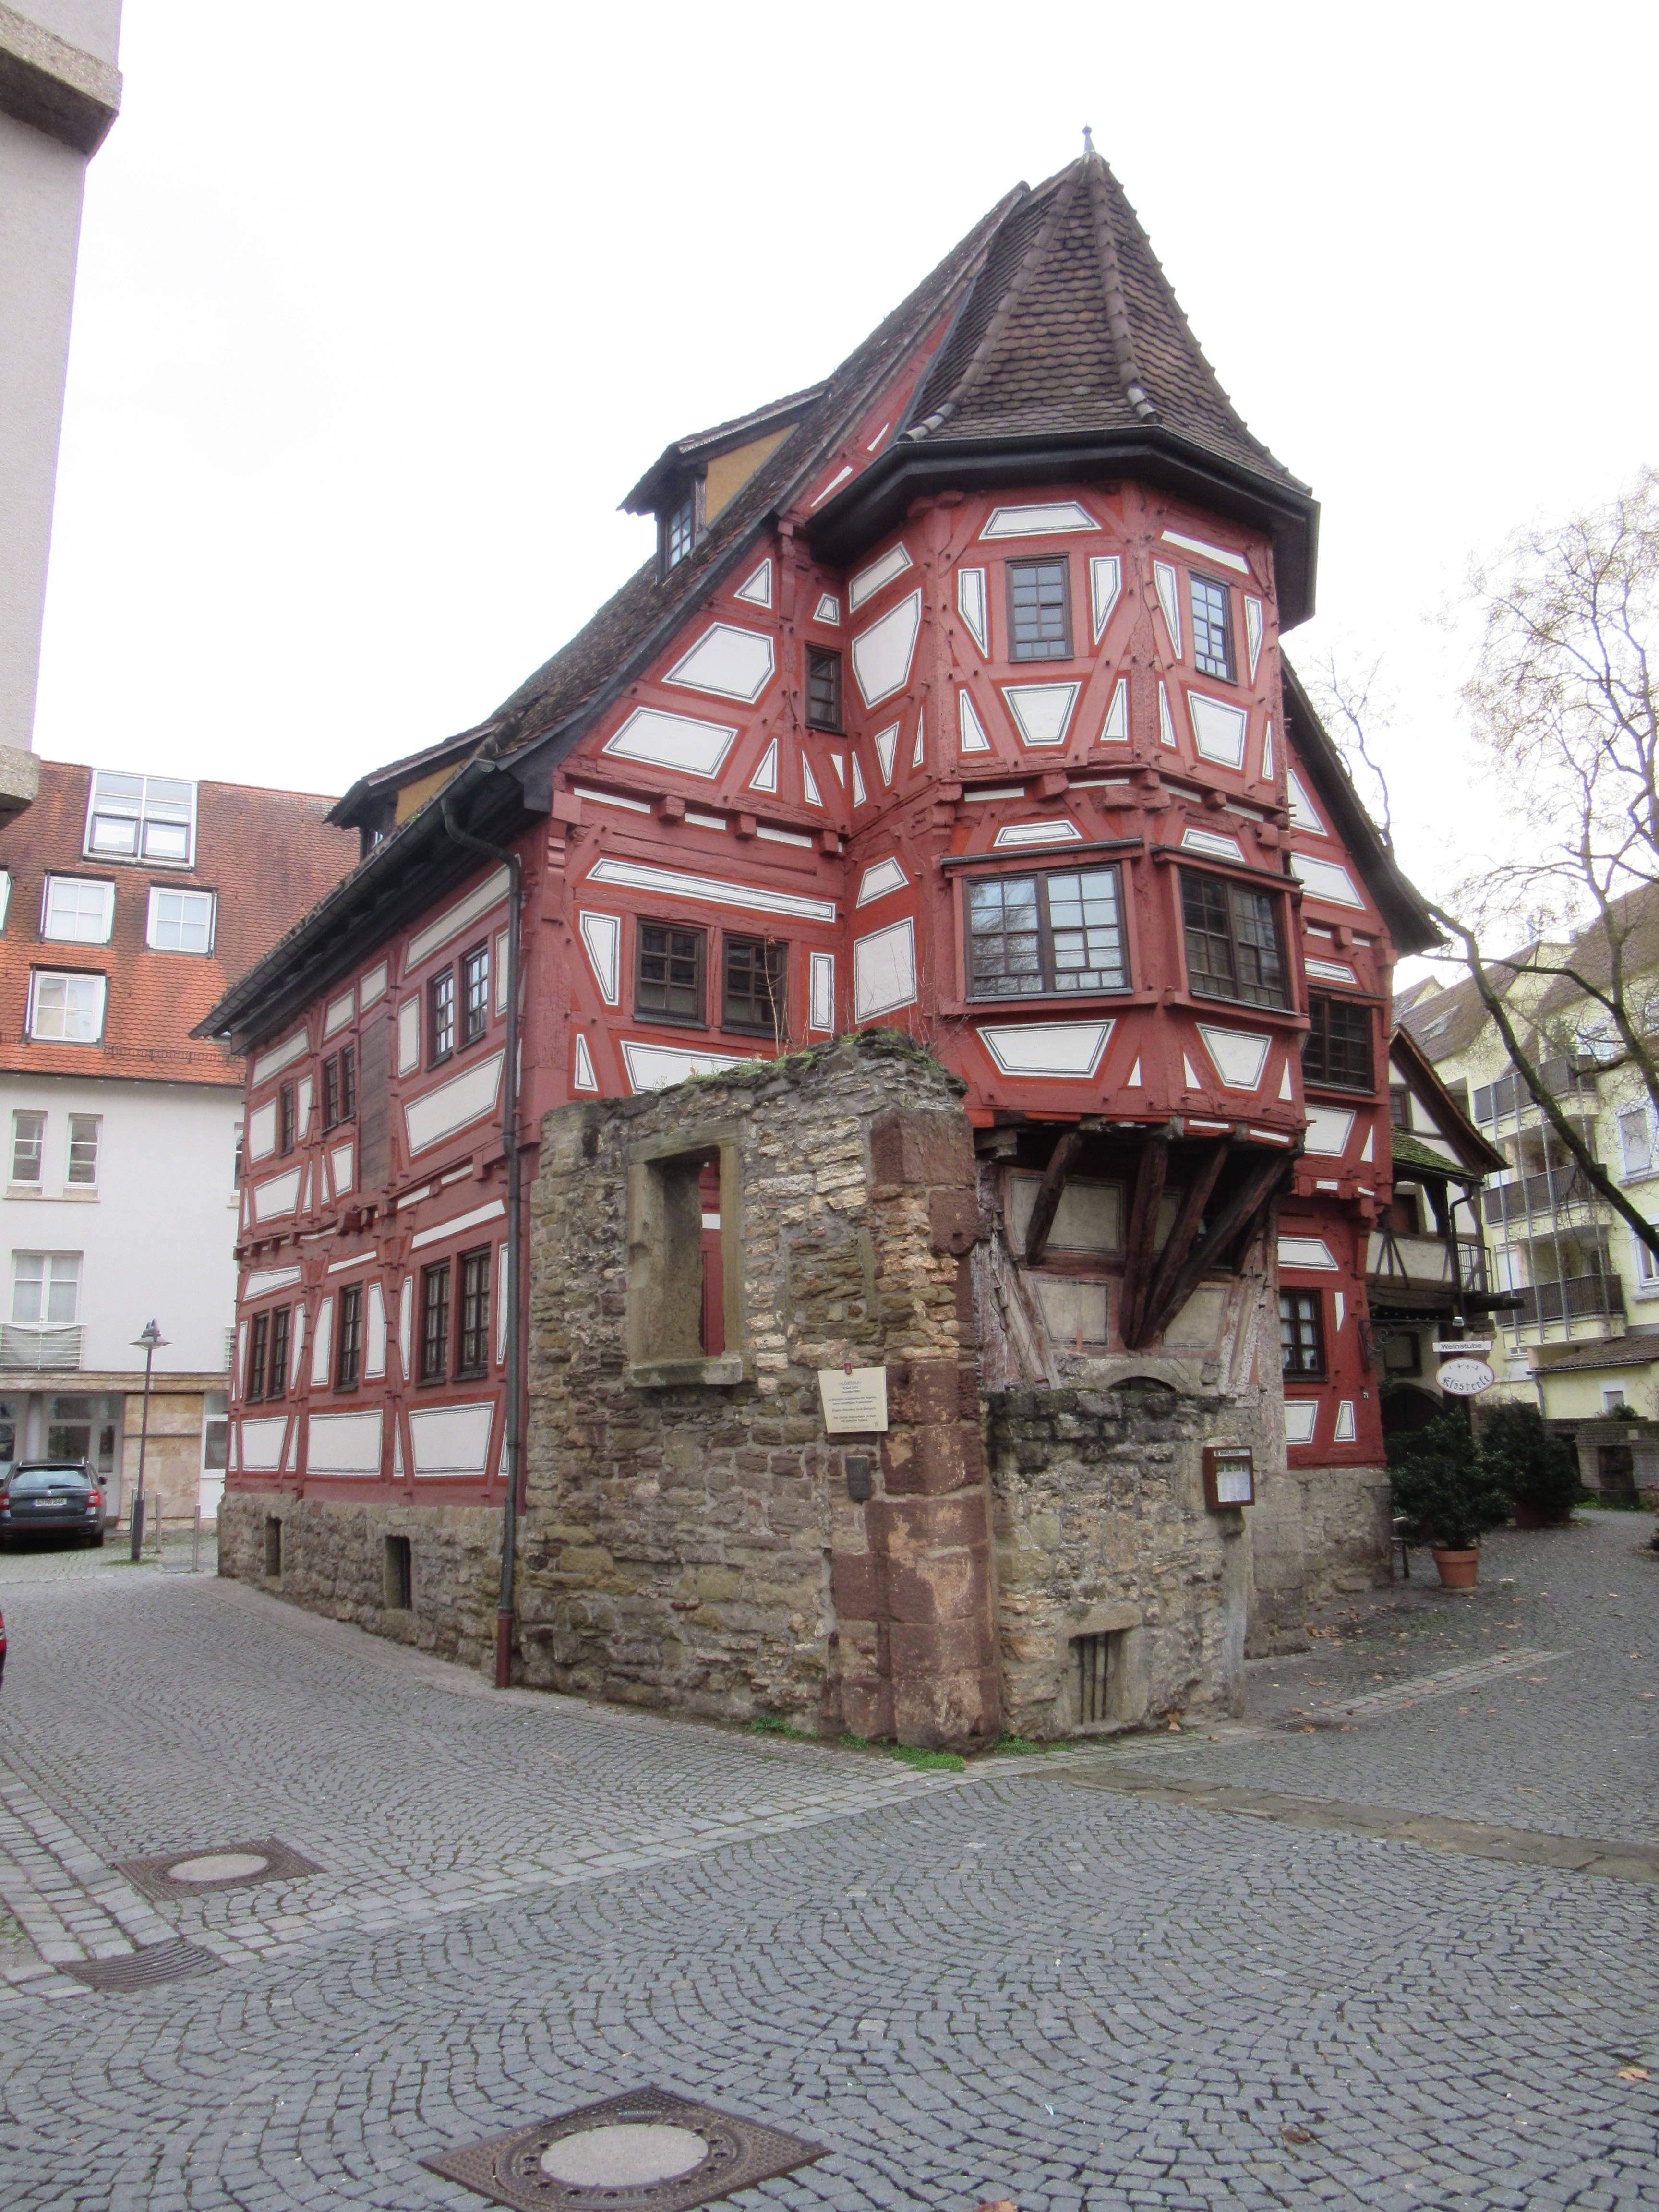 Home in Stuttgart, Germany.